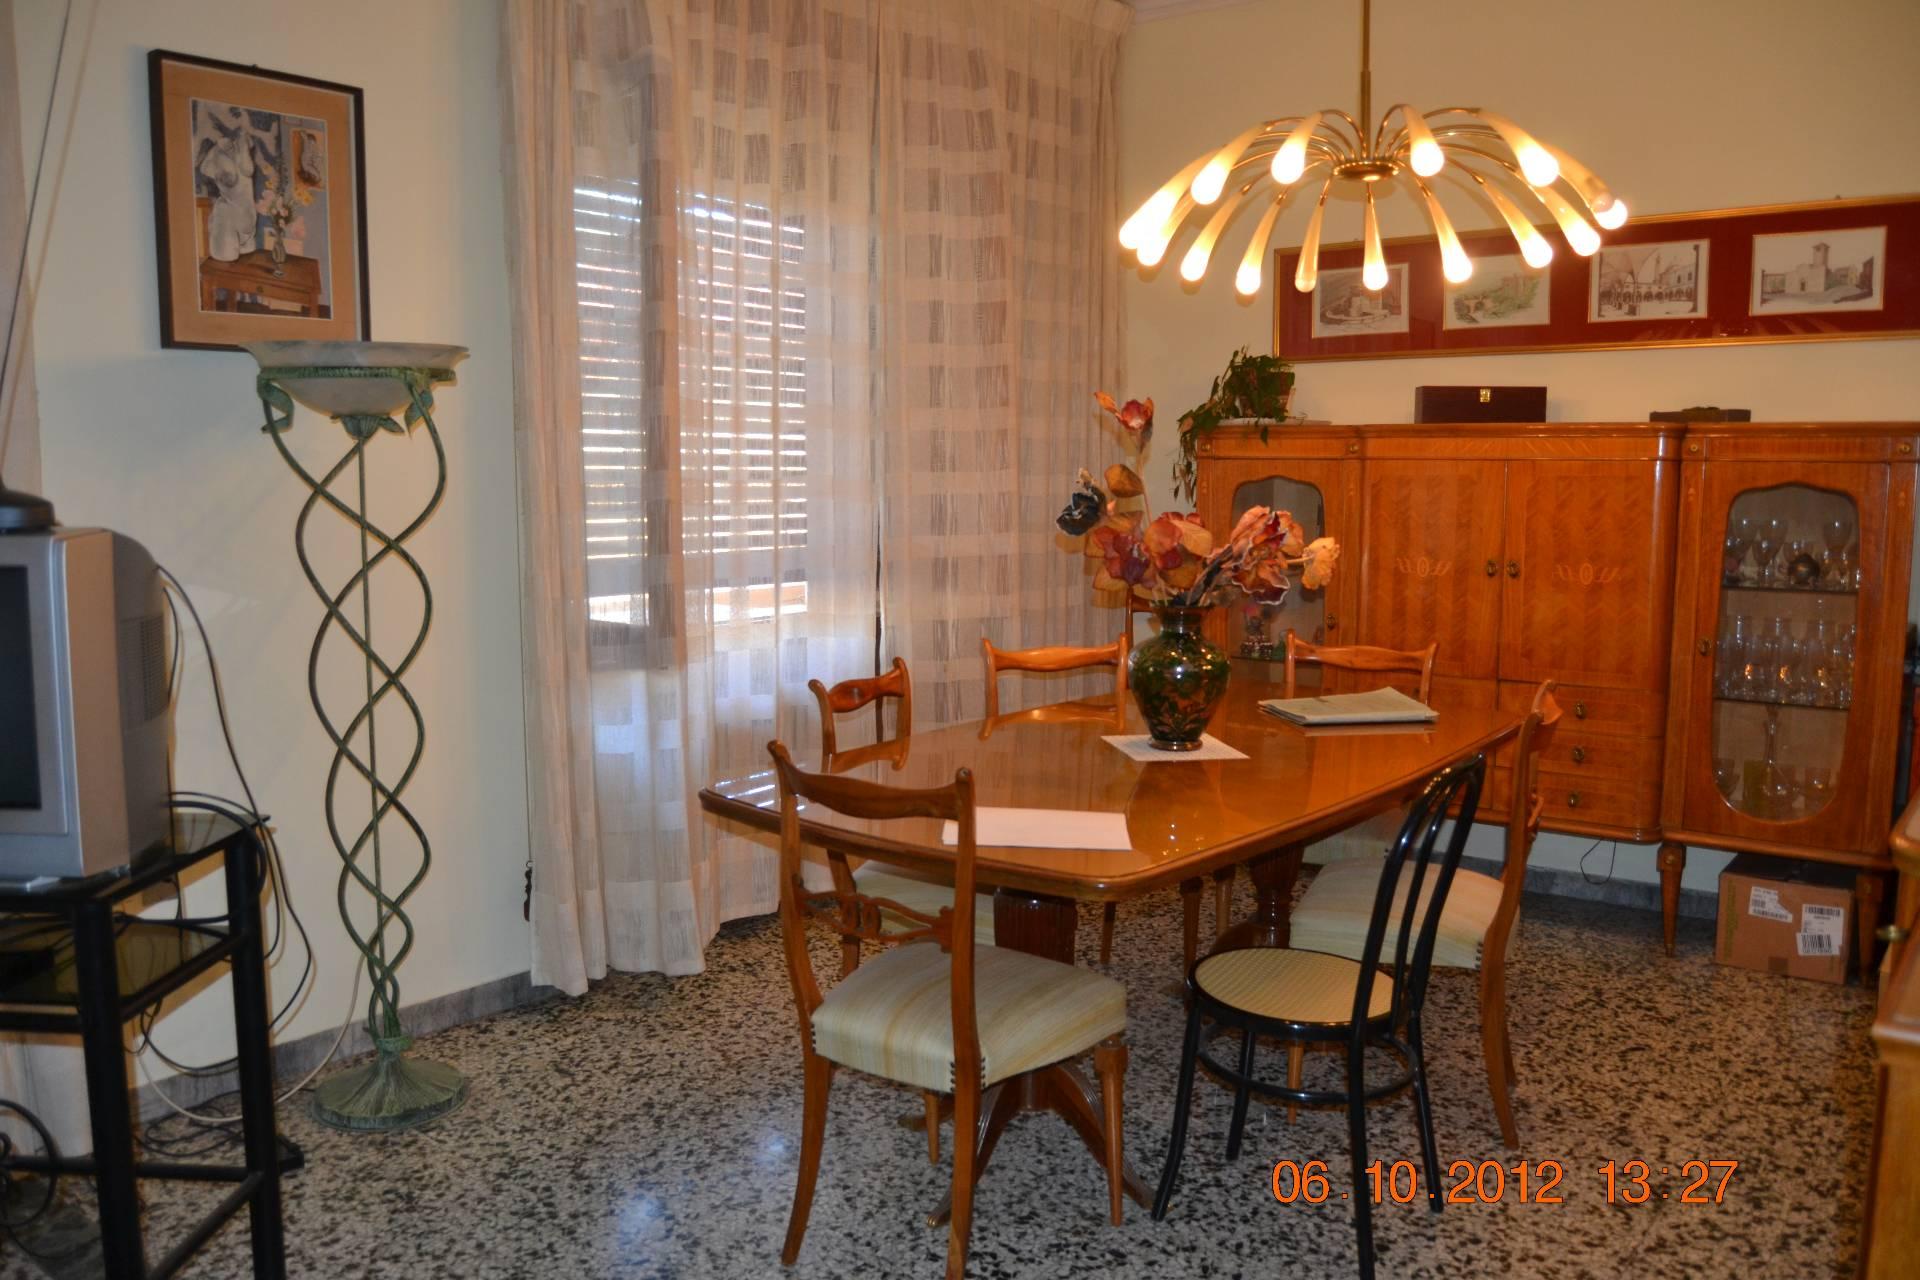 Appartamento in vendita a Ascoli Piceno, 6 locali, zona Località: CampoParignano, prezzo € 150.000 | CambioCasa.it